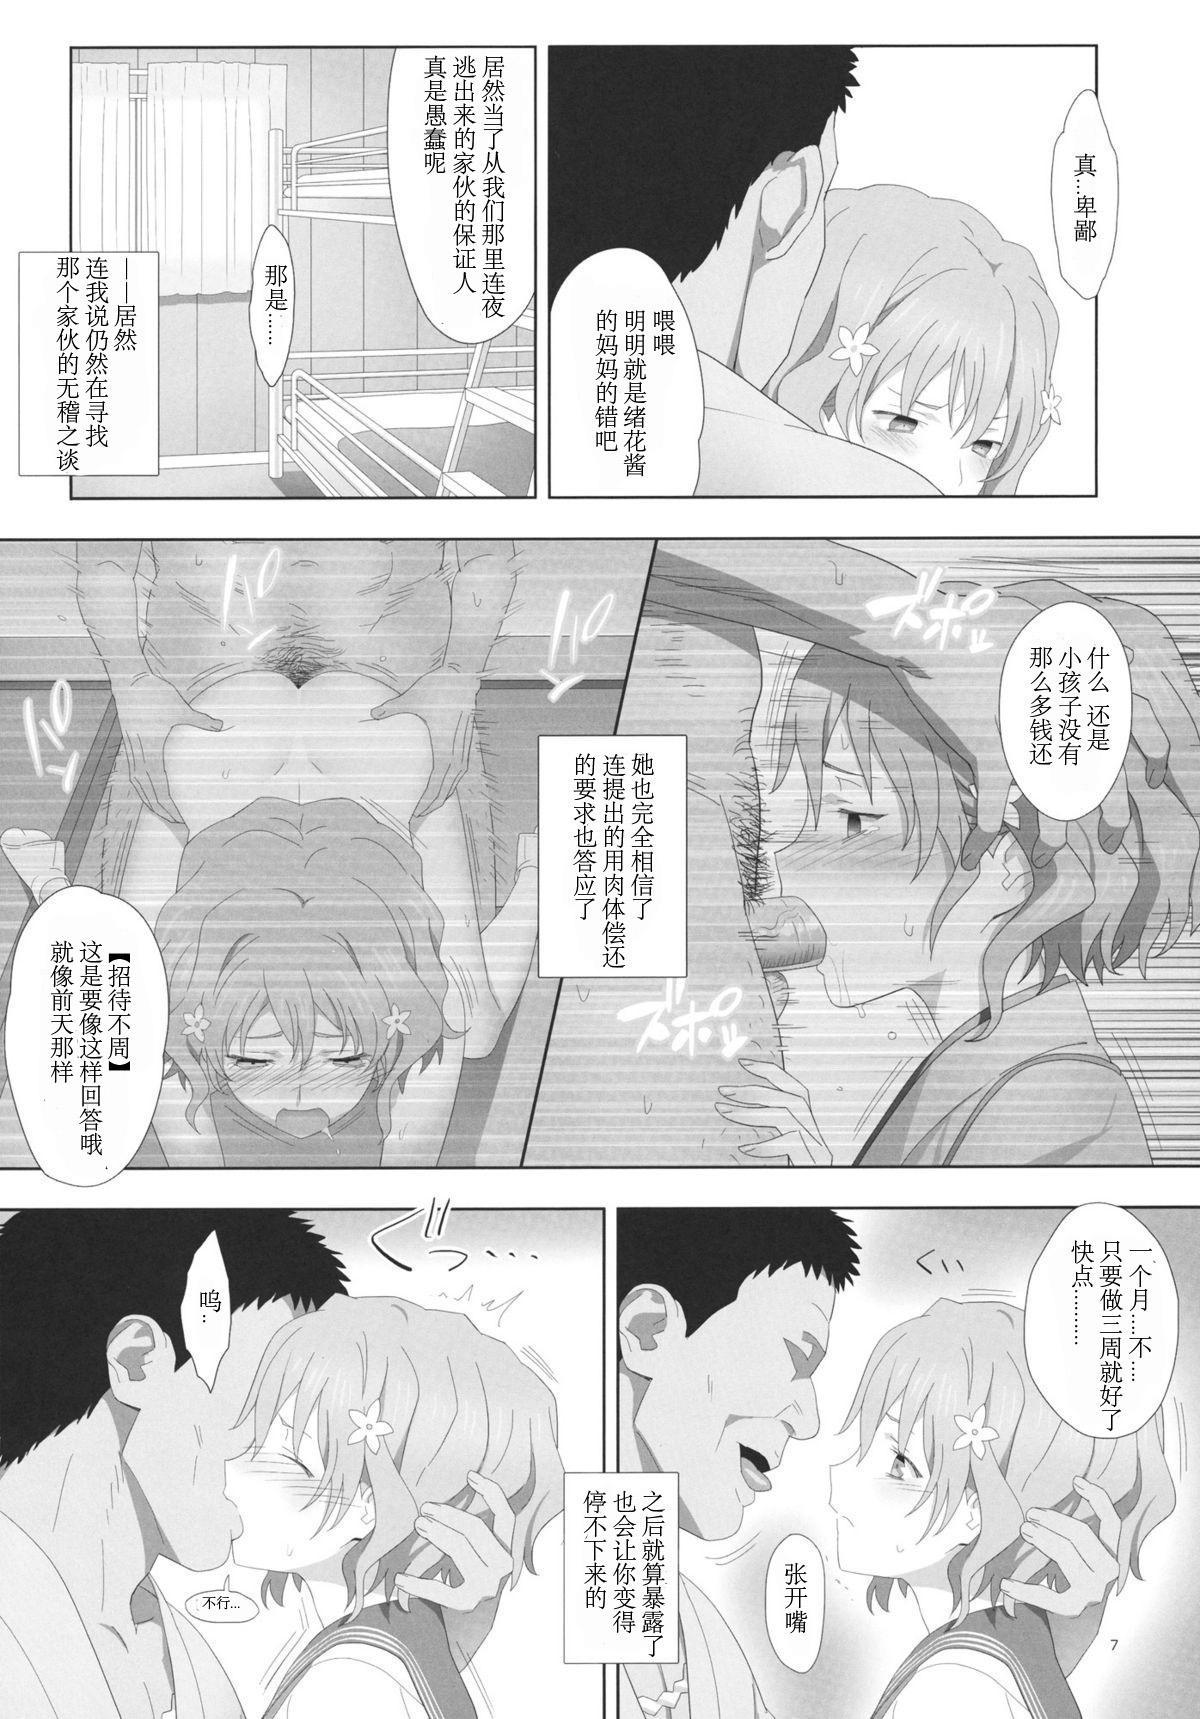 Natsu, Ryokan, Shakkintori. 5